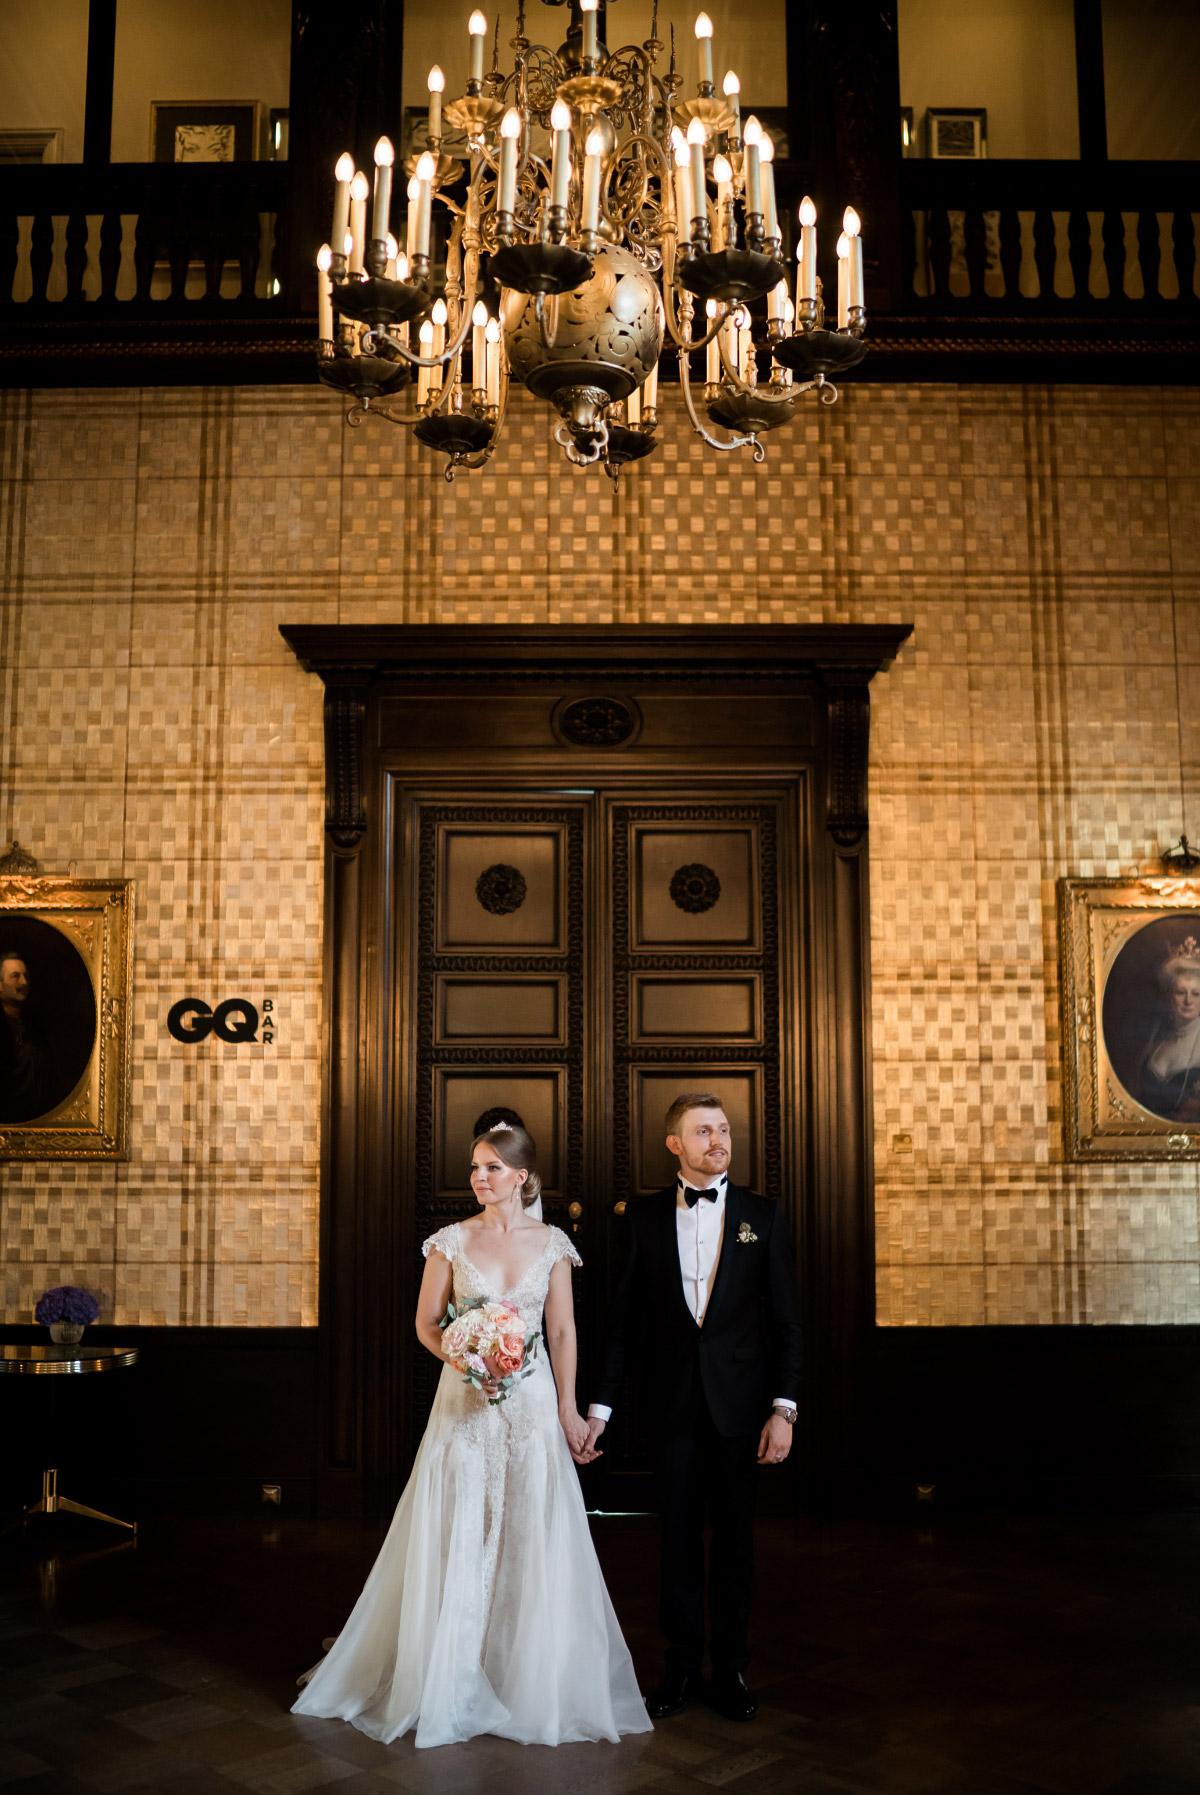 Hochzeitsfotografie Brautpaar Schlosshotel Grunewald - Schlosshotel Berlin Hochzeitsfotograf © www.hochzeitslicht.de